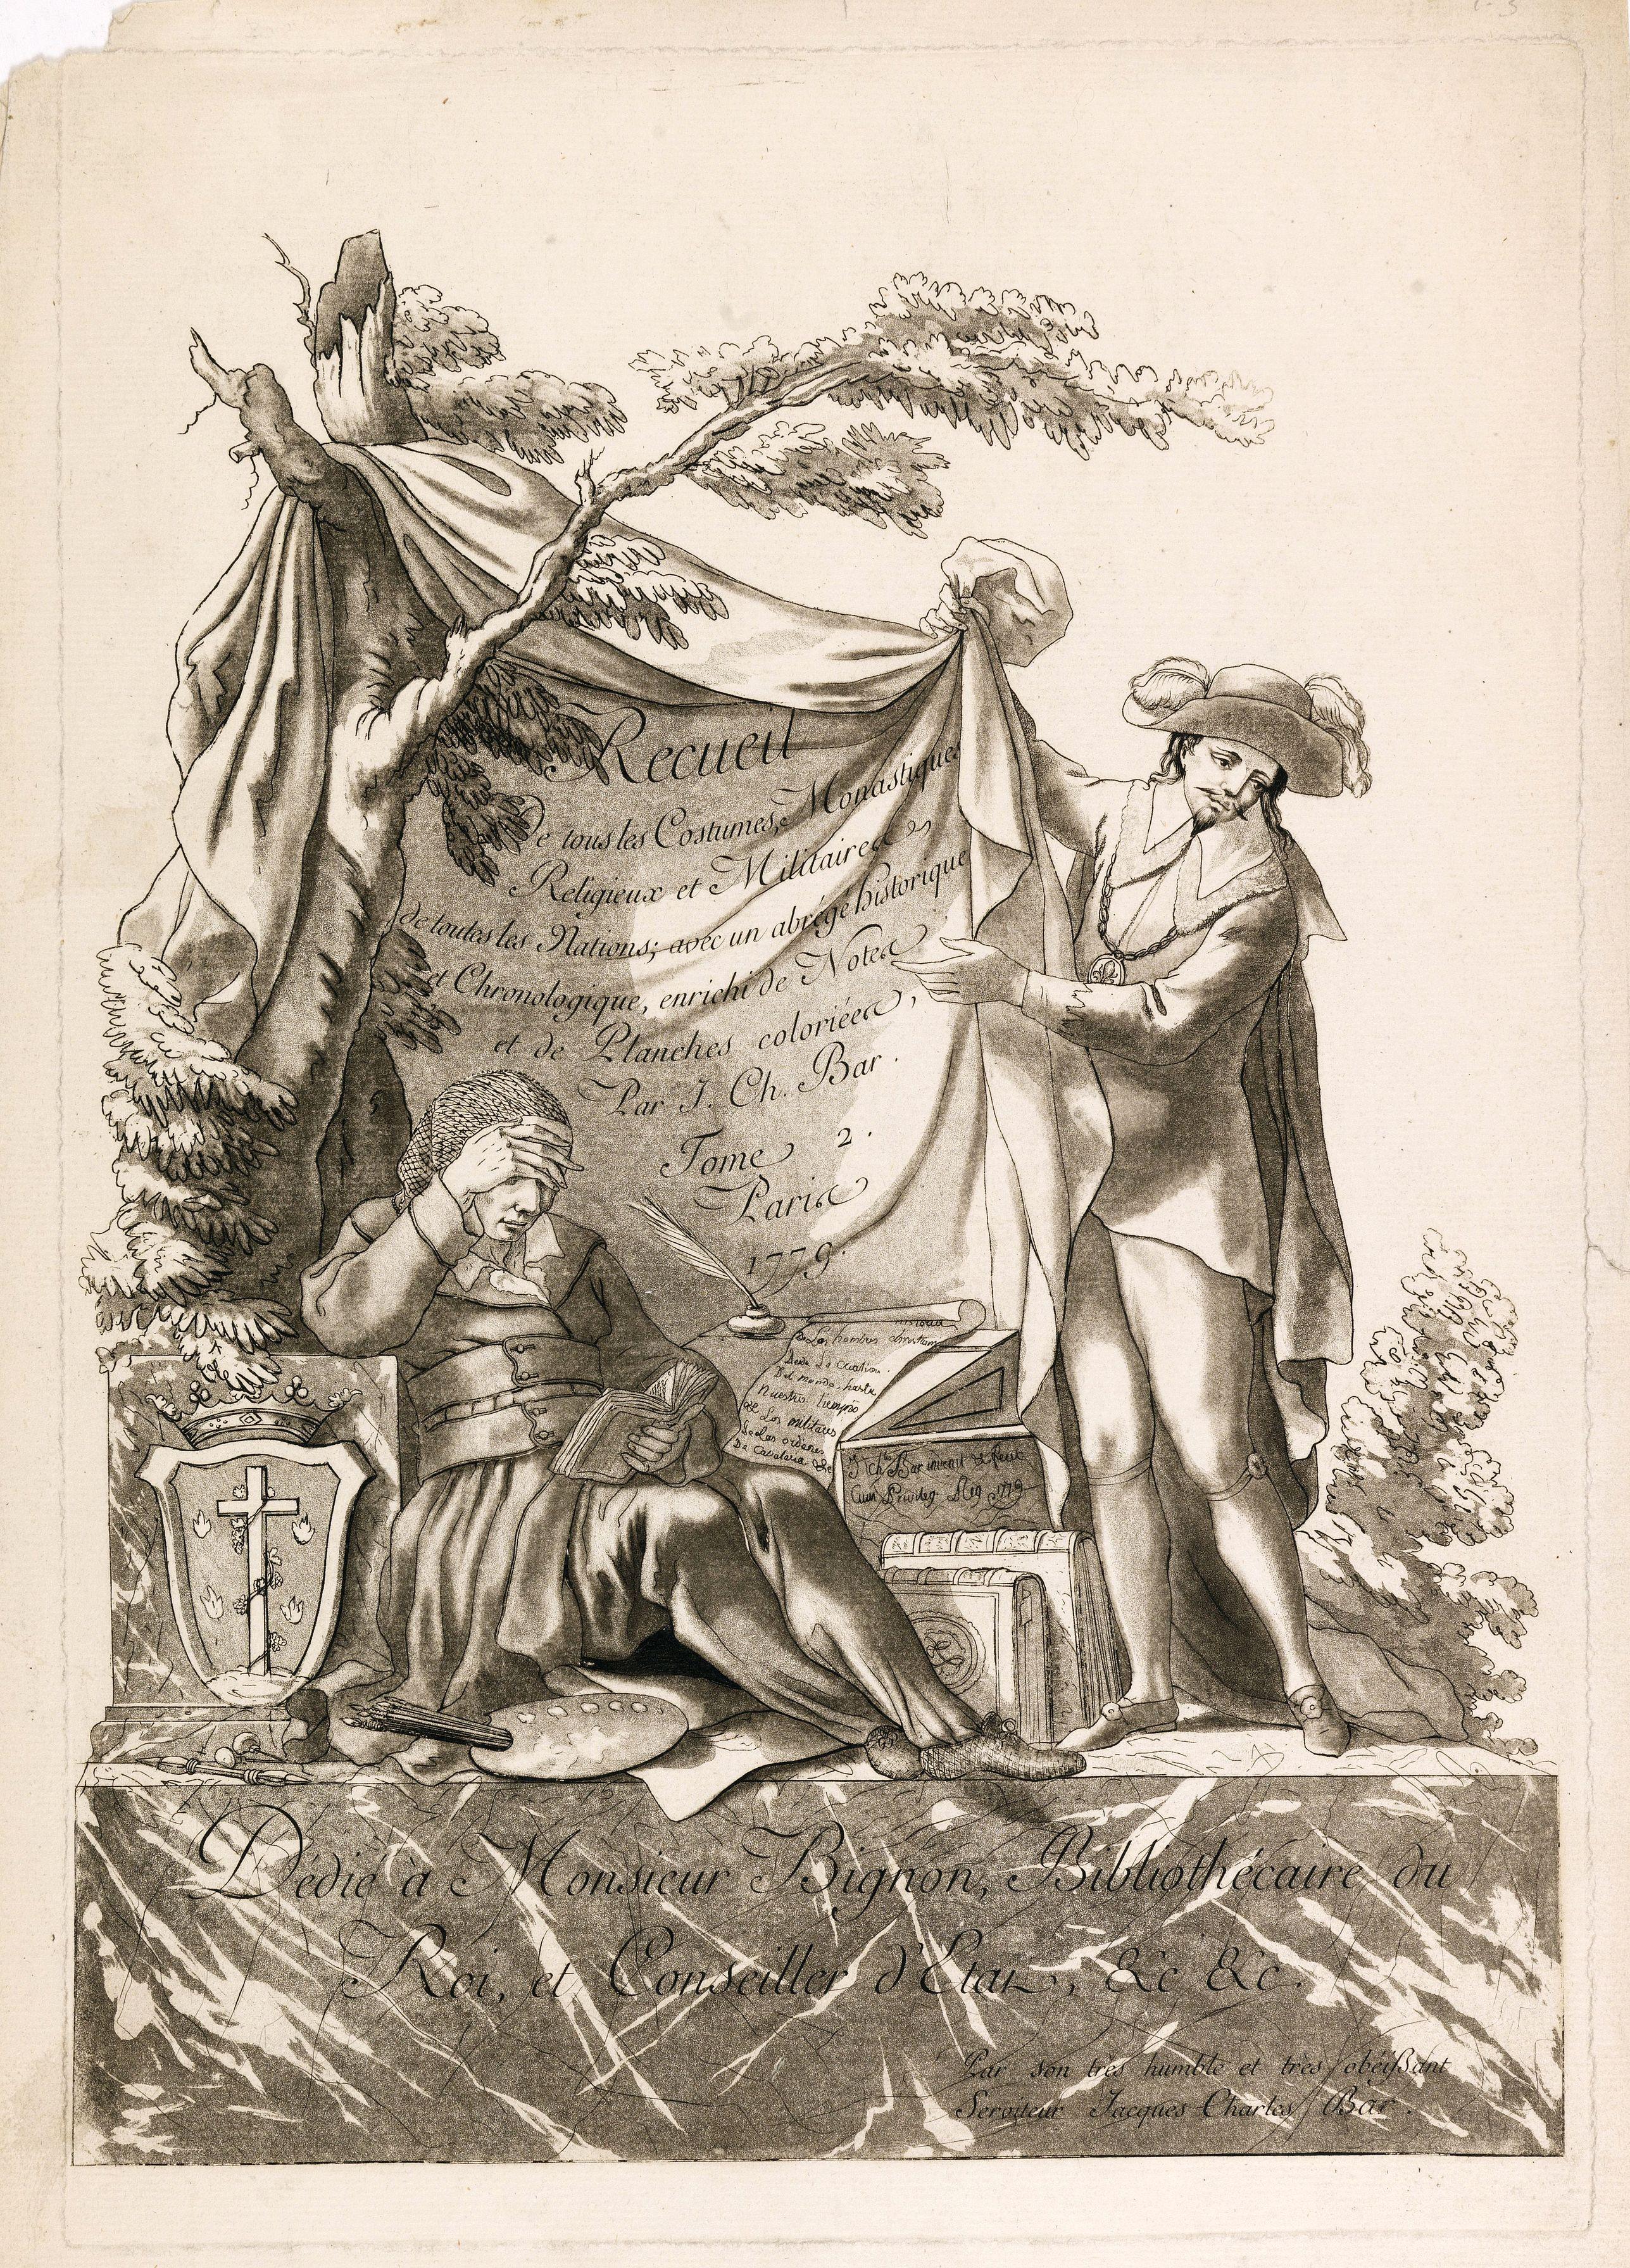 BAR,J. Ch. -  Recueil de tous les Costumes.. (Title page)